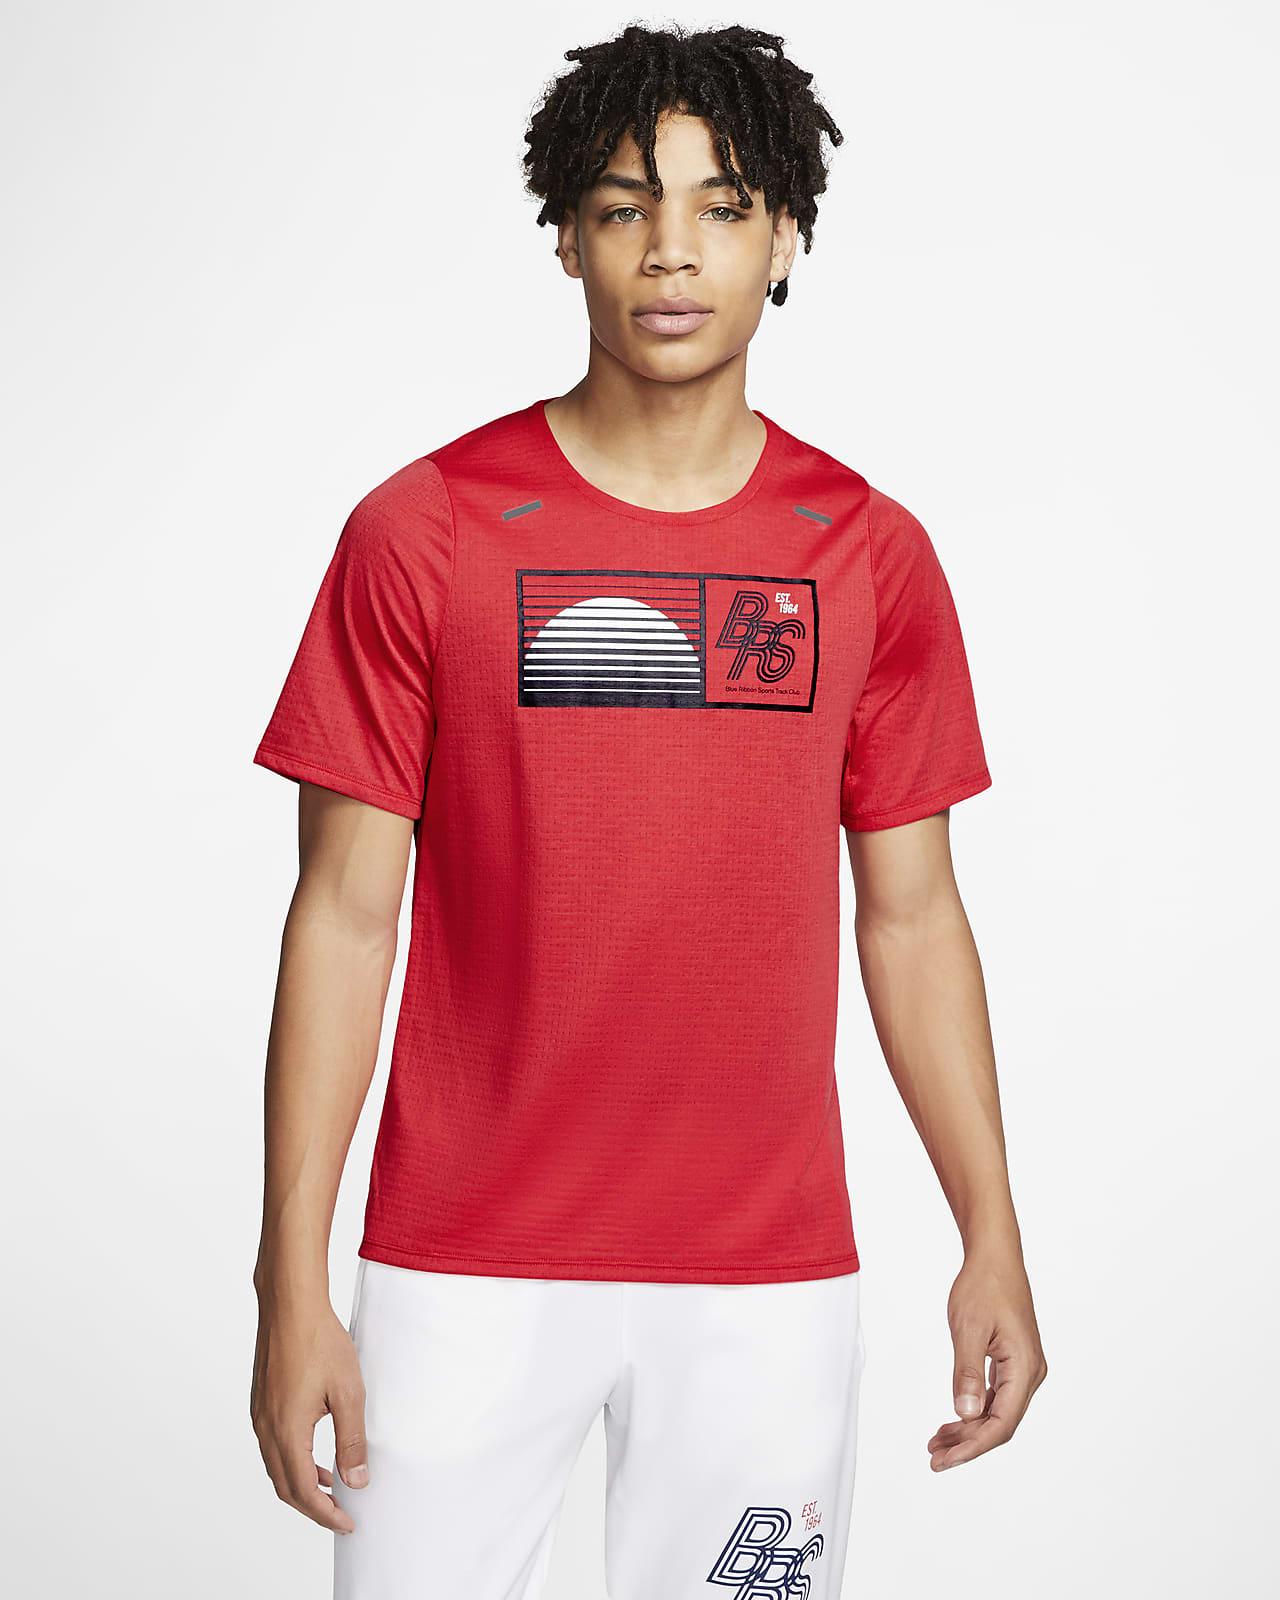 เสื้อวิ่งผู้ชาย Nike Rise 365 Blue Ribbon Sports